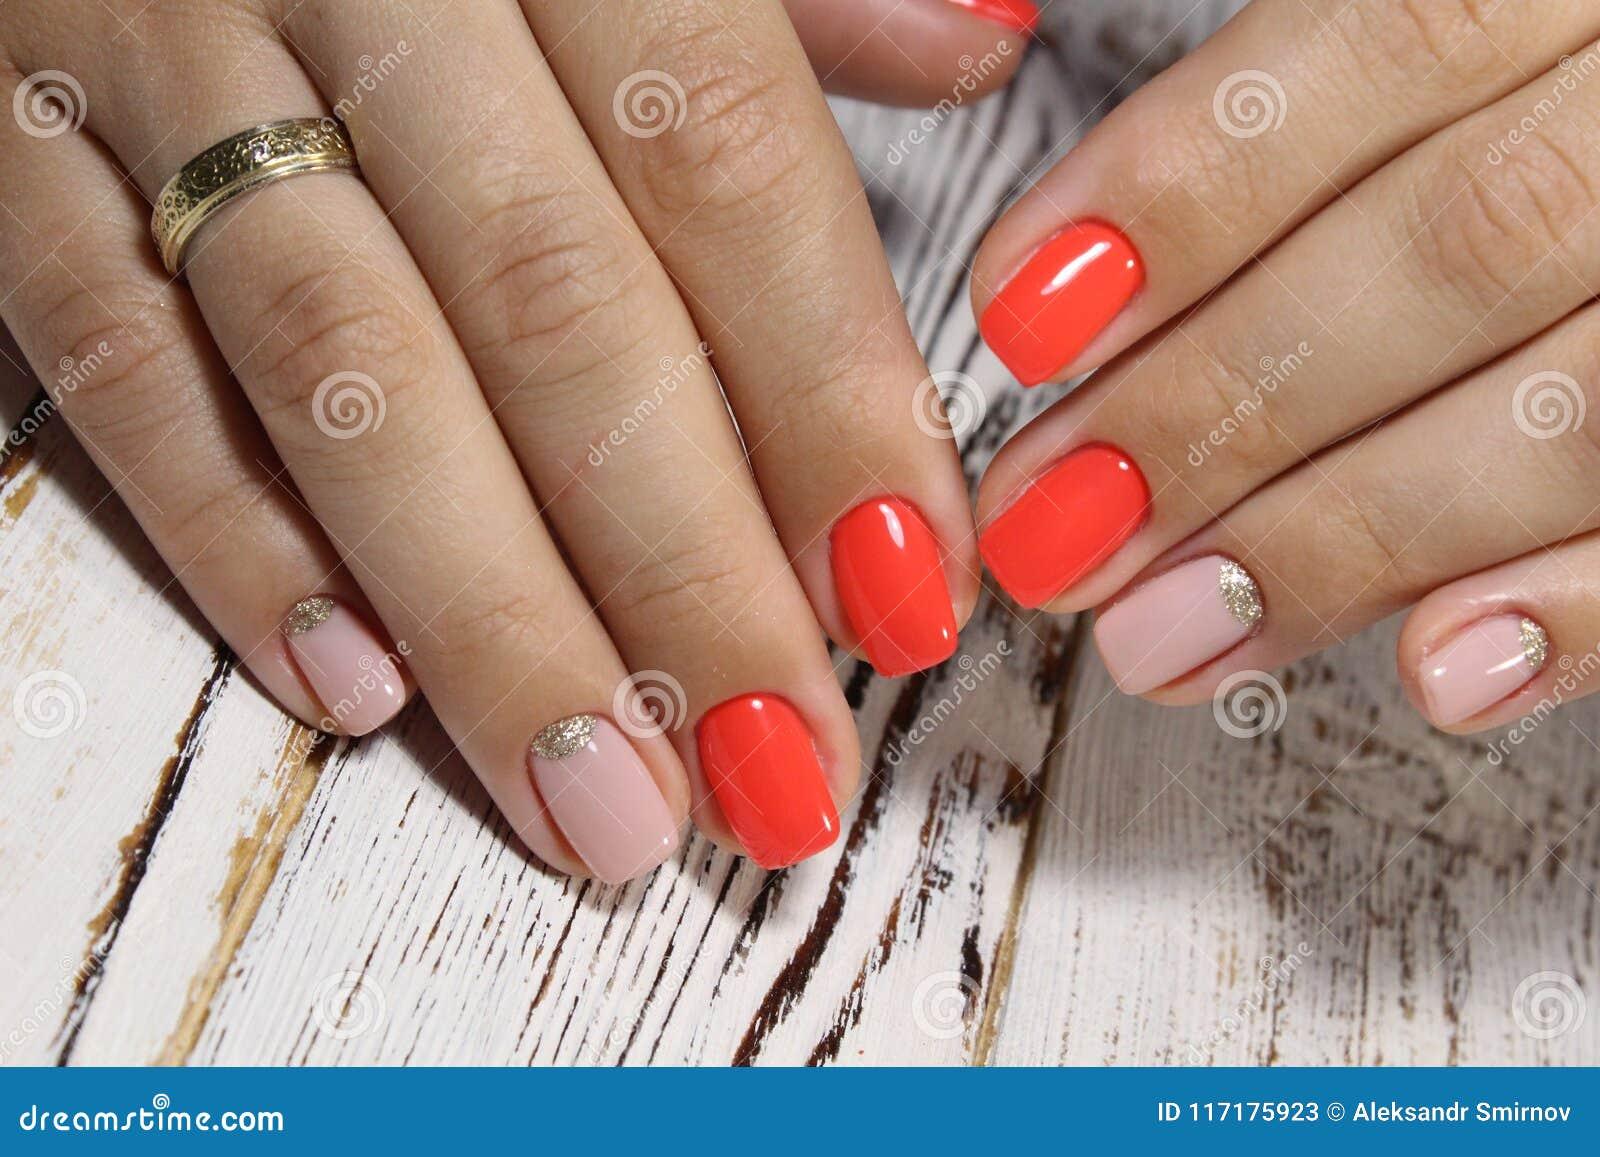 Amazing natural nails. stock image. Image of nail, design - 117175923